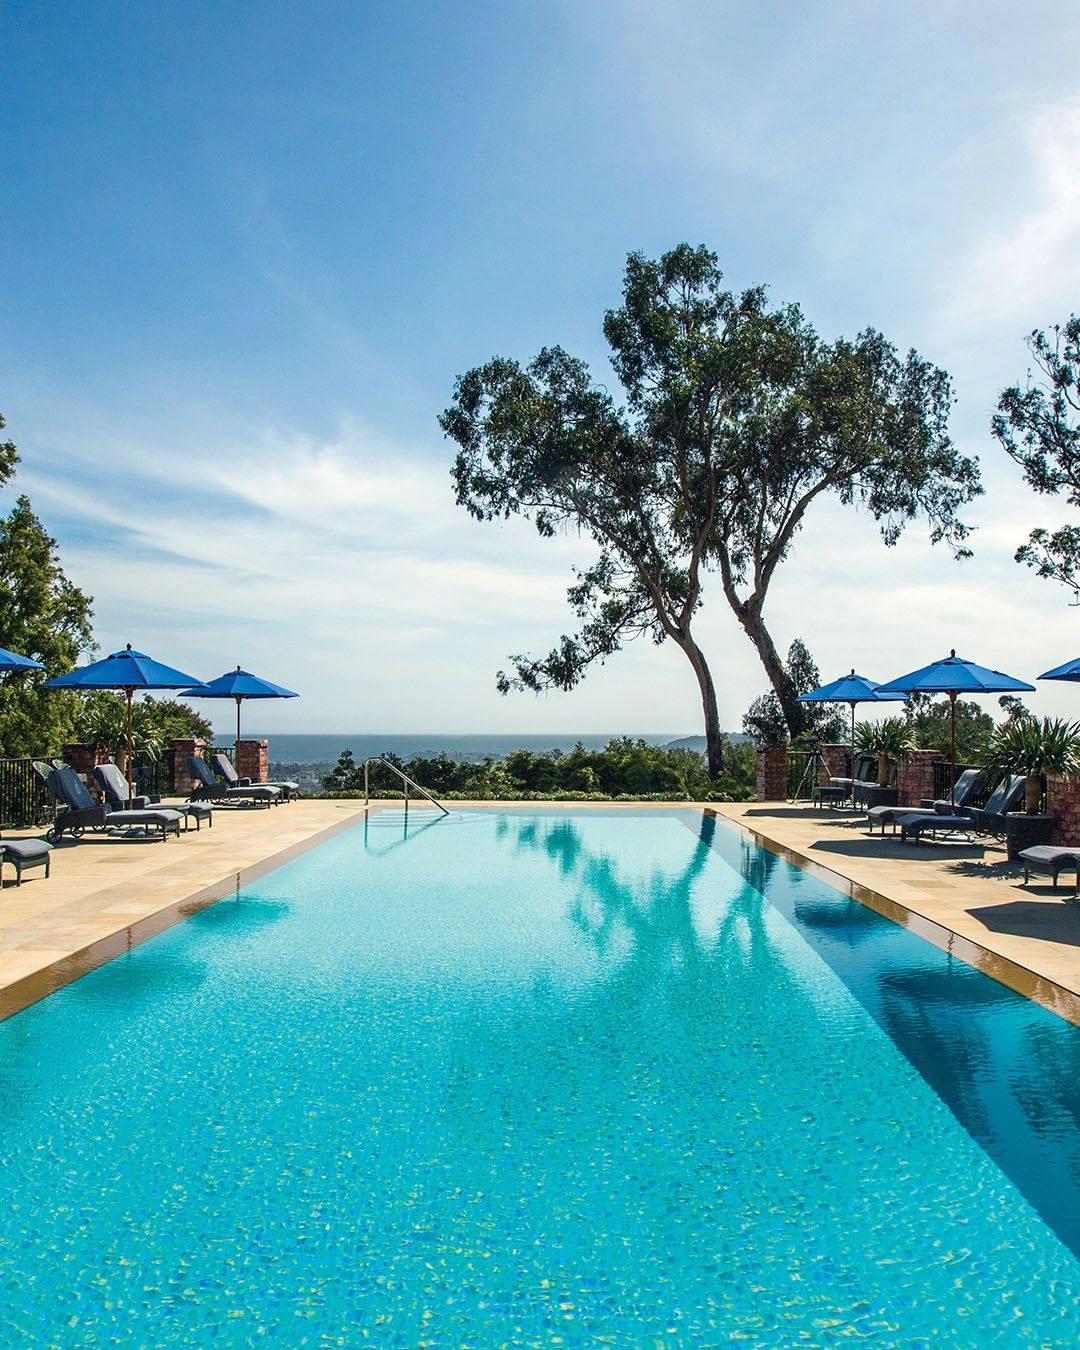 Belmond El Encanto Hotel Santa Barbara, California